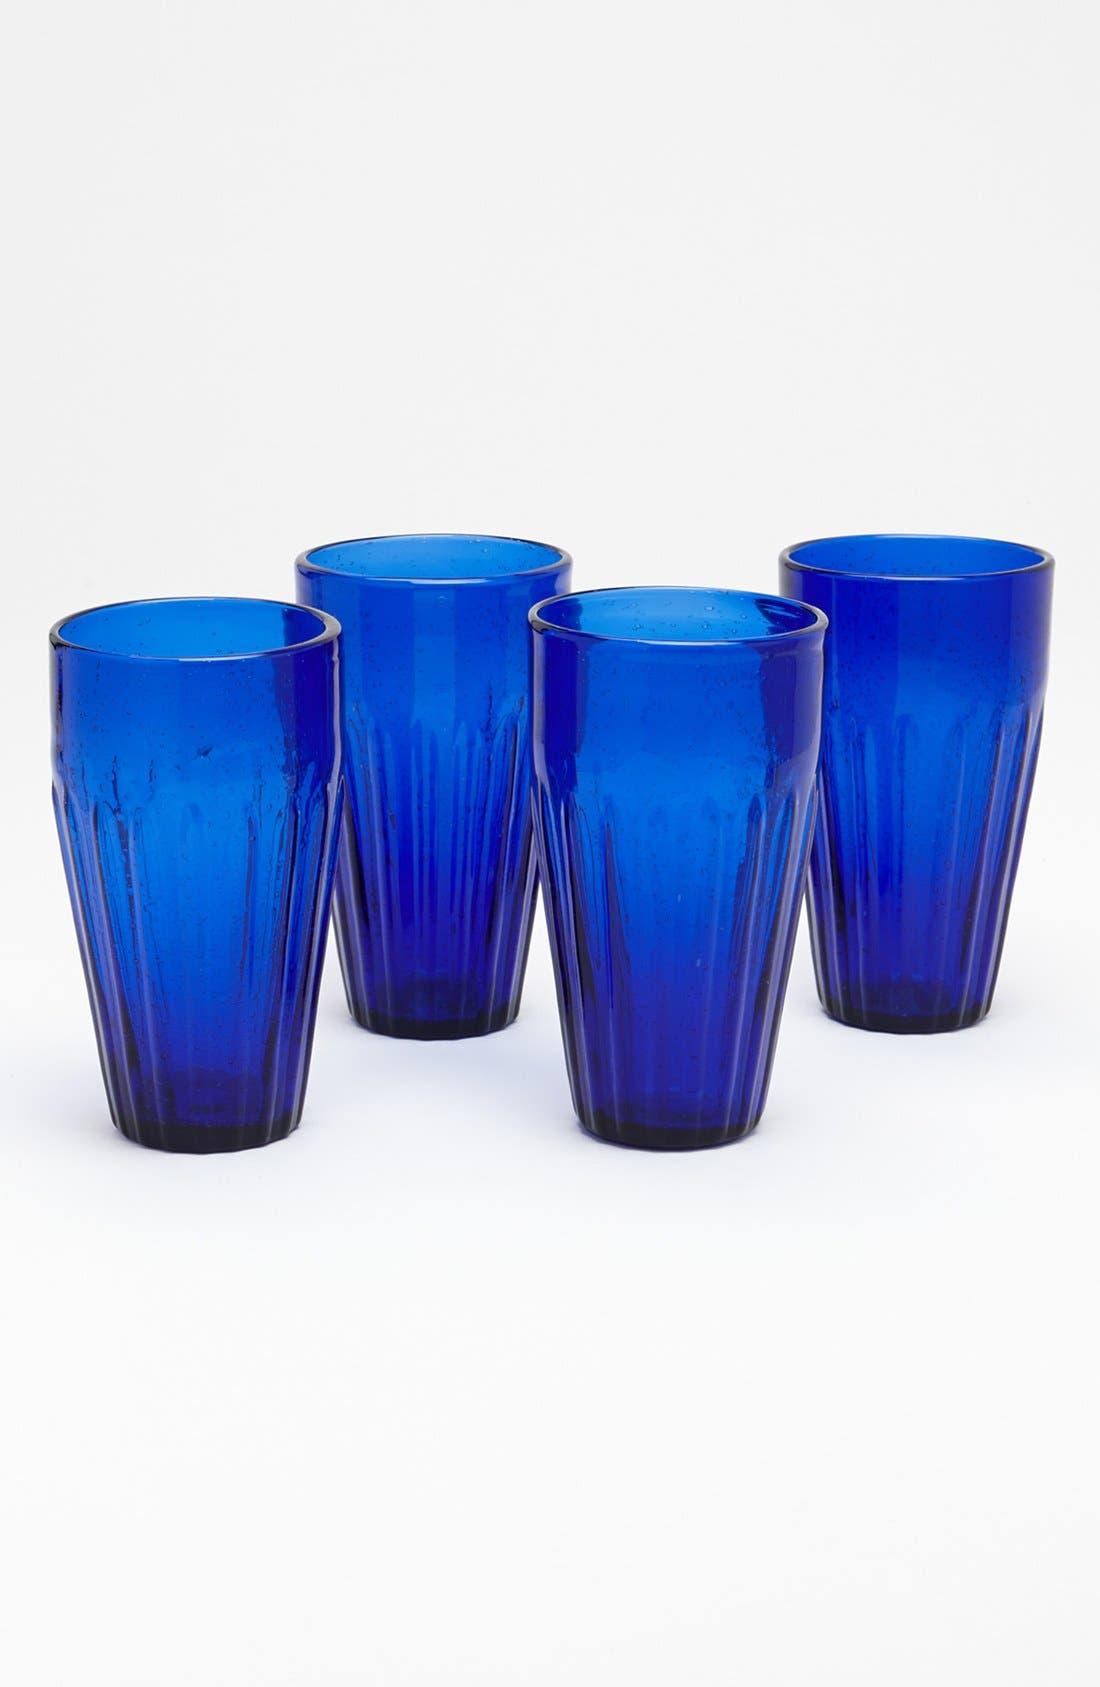 Main Image - Rustic Cooler Glasses (Set of 4)